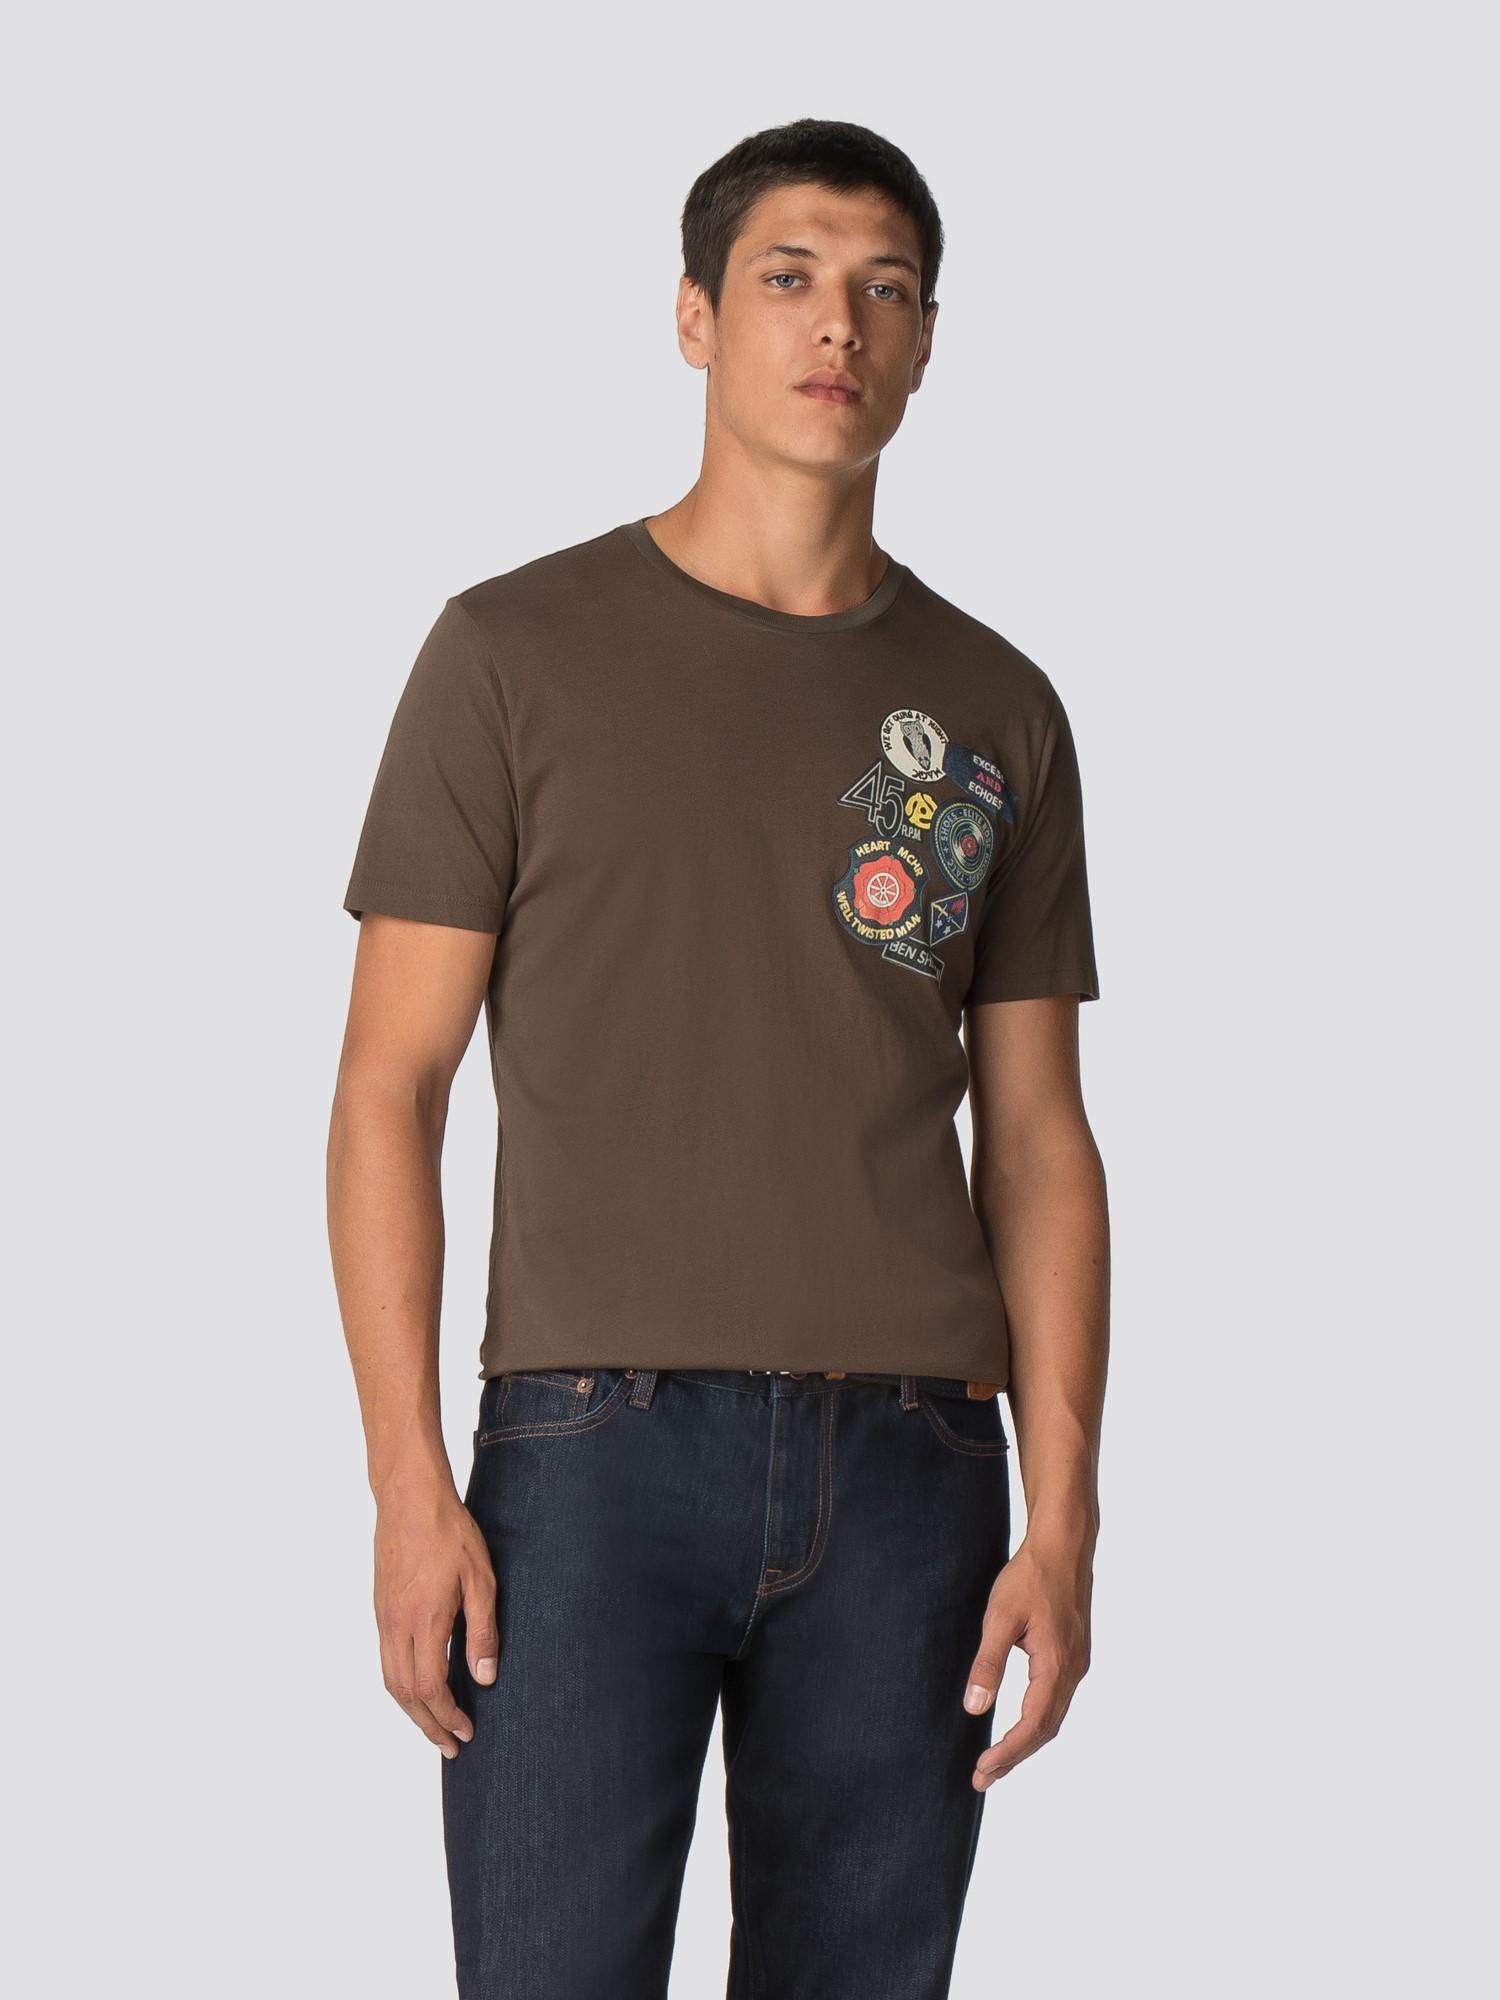 Northern Soul Badge Olive Green T Shirt Ben Sherman Est 1963